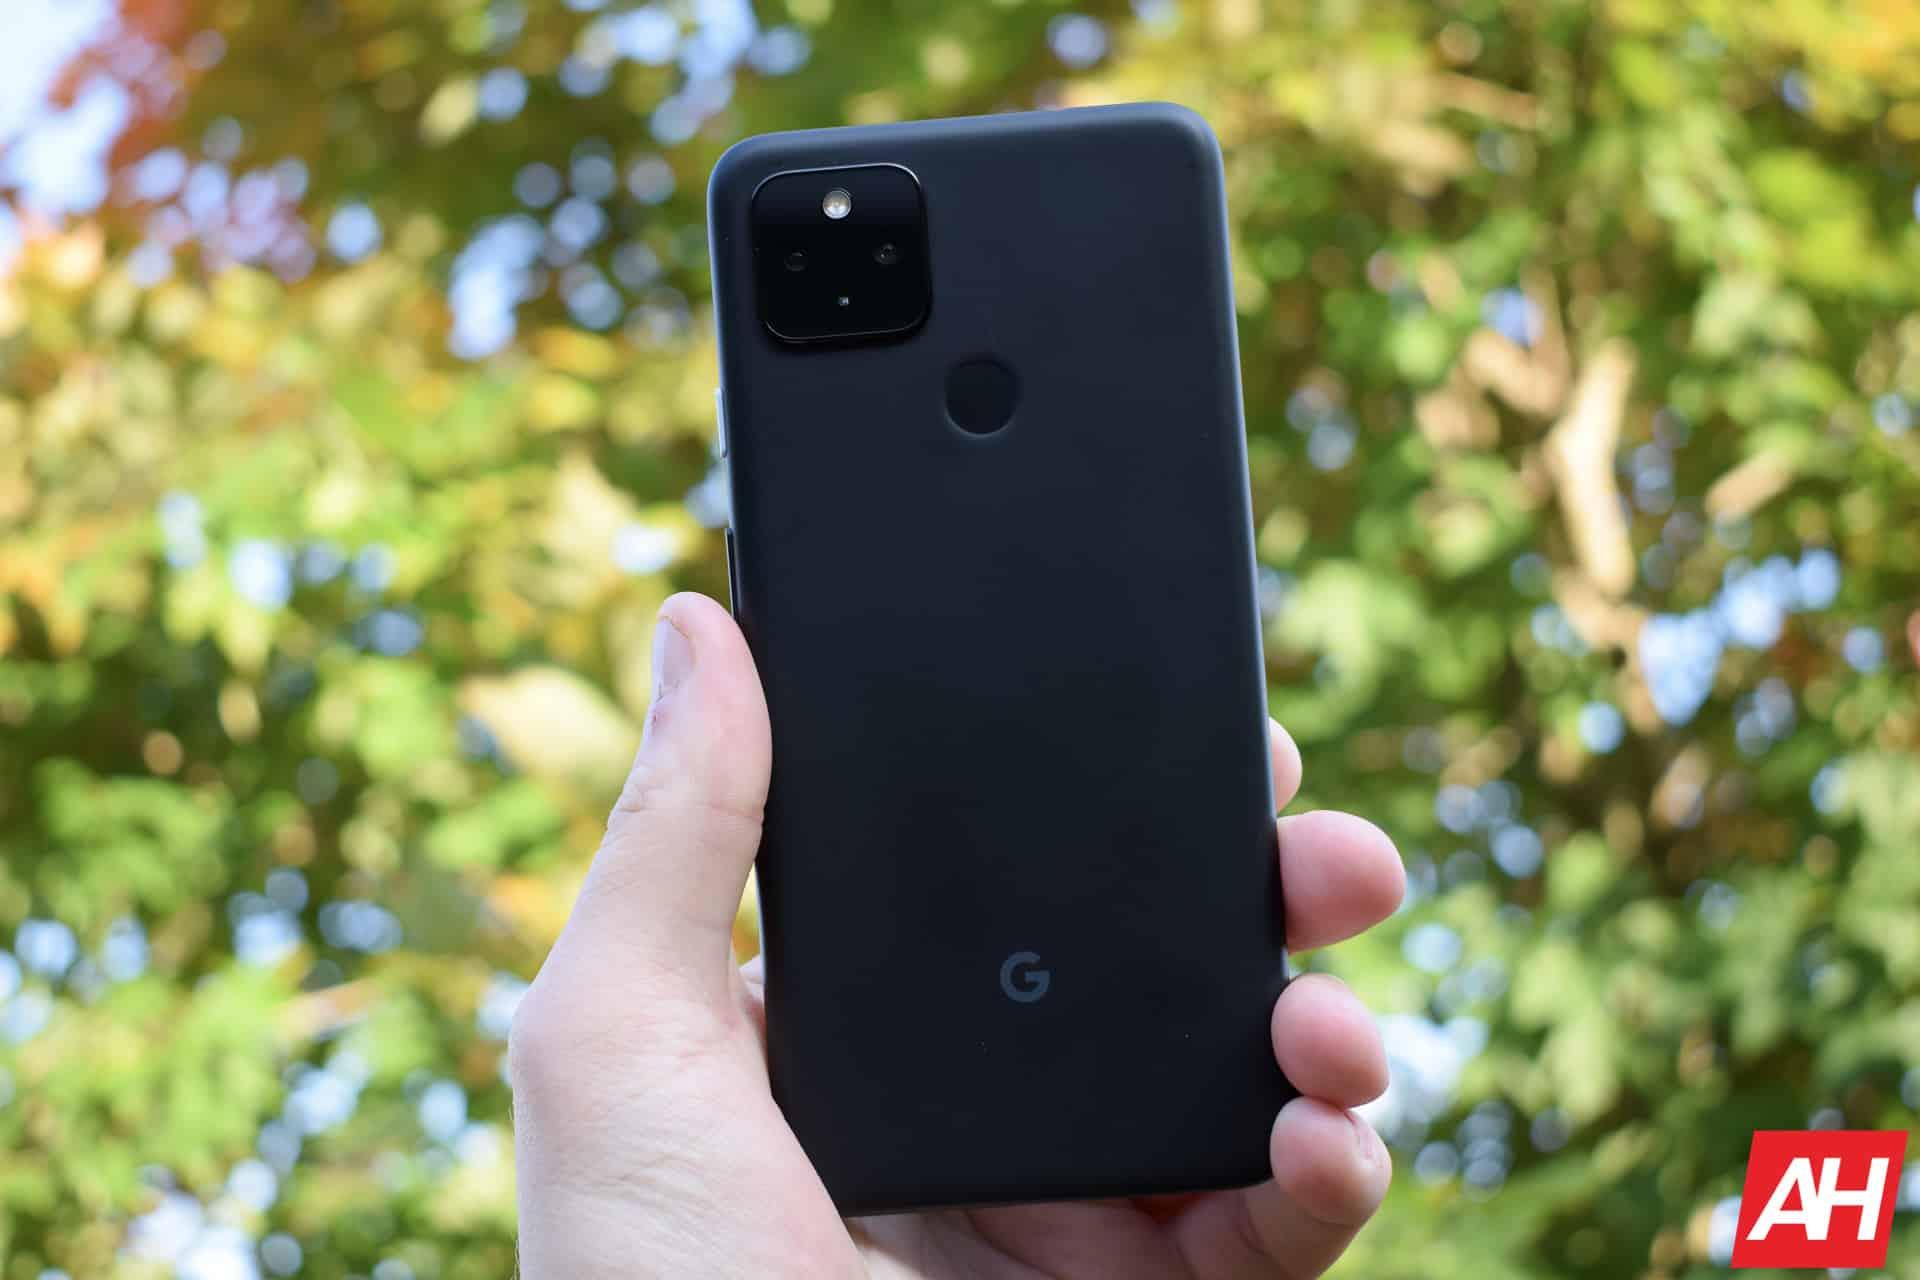 Google Pixel 4a 5G AM AH 24